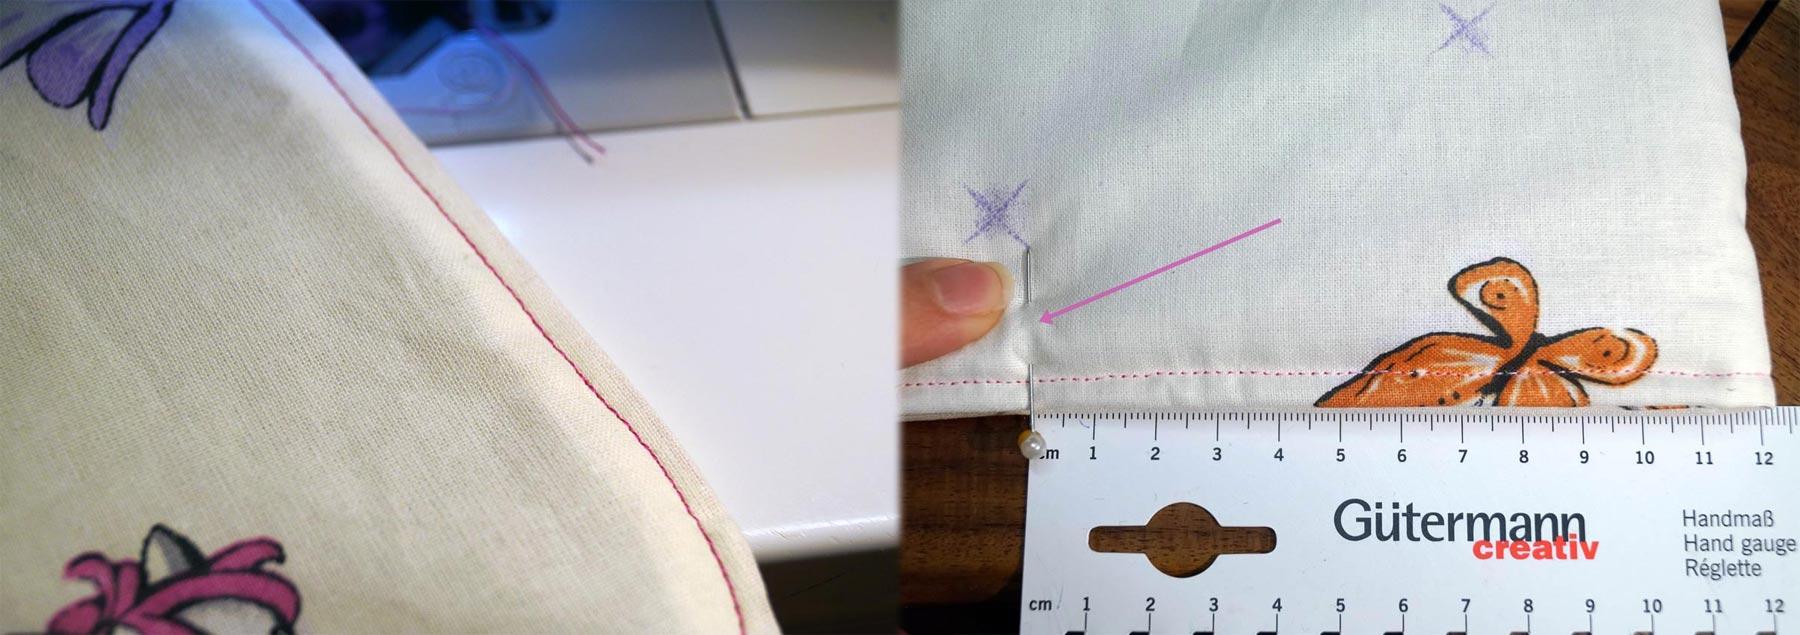 Kante absteppen und danach Hauptteil aufeinanderlegen und bei 12 cm vom Brauch aus eine Stecknadel-Markierung setzten.